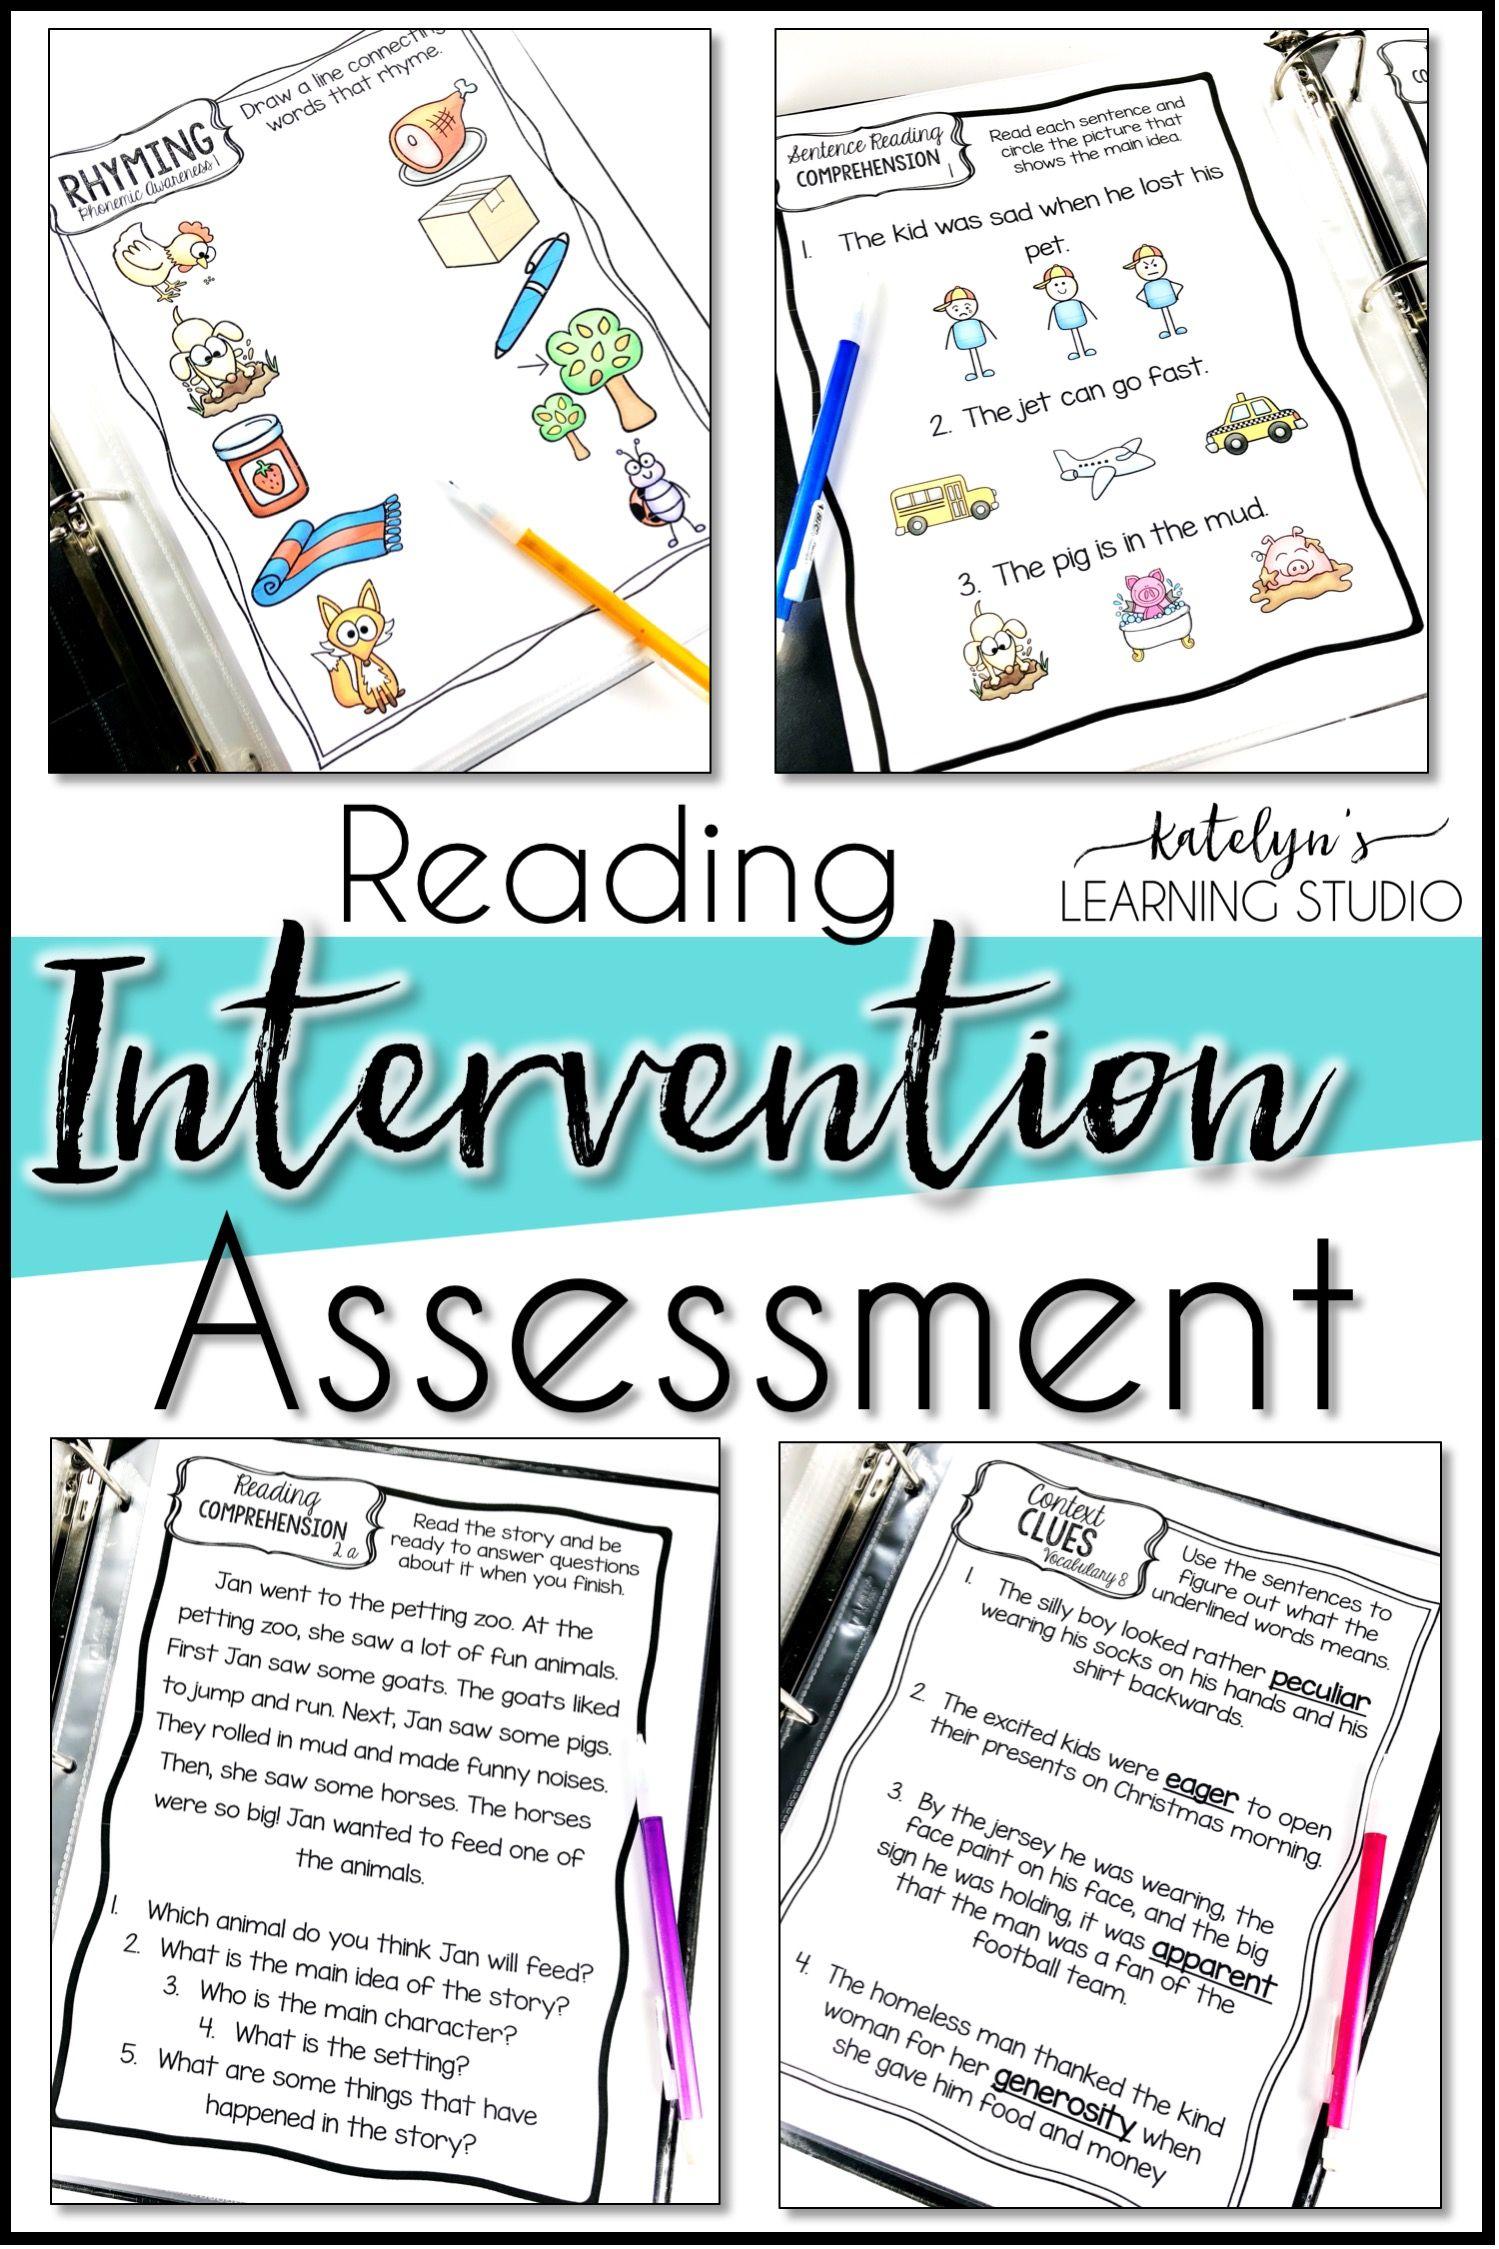 Diagnostic formative reading assessment for kindergarten, 1st, 2nd ...